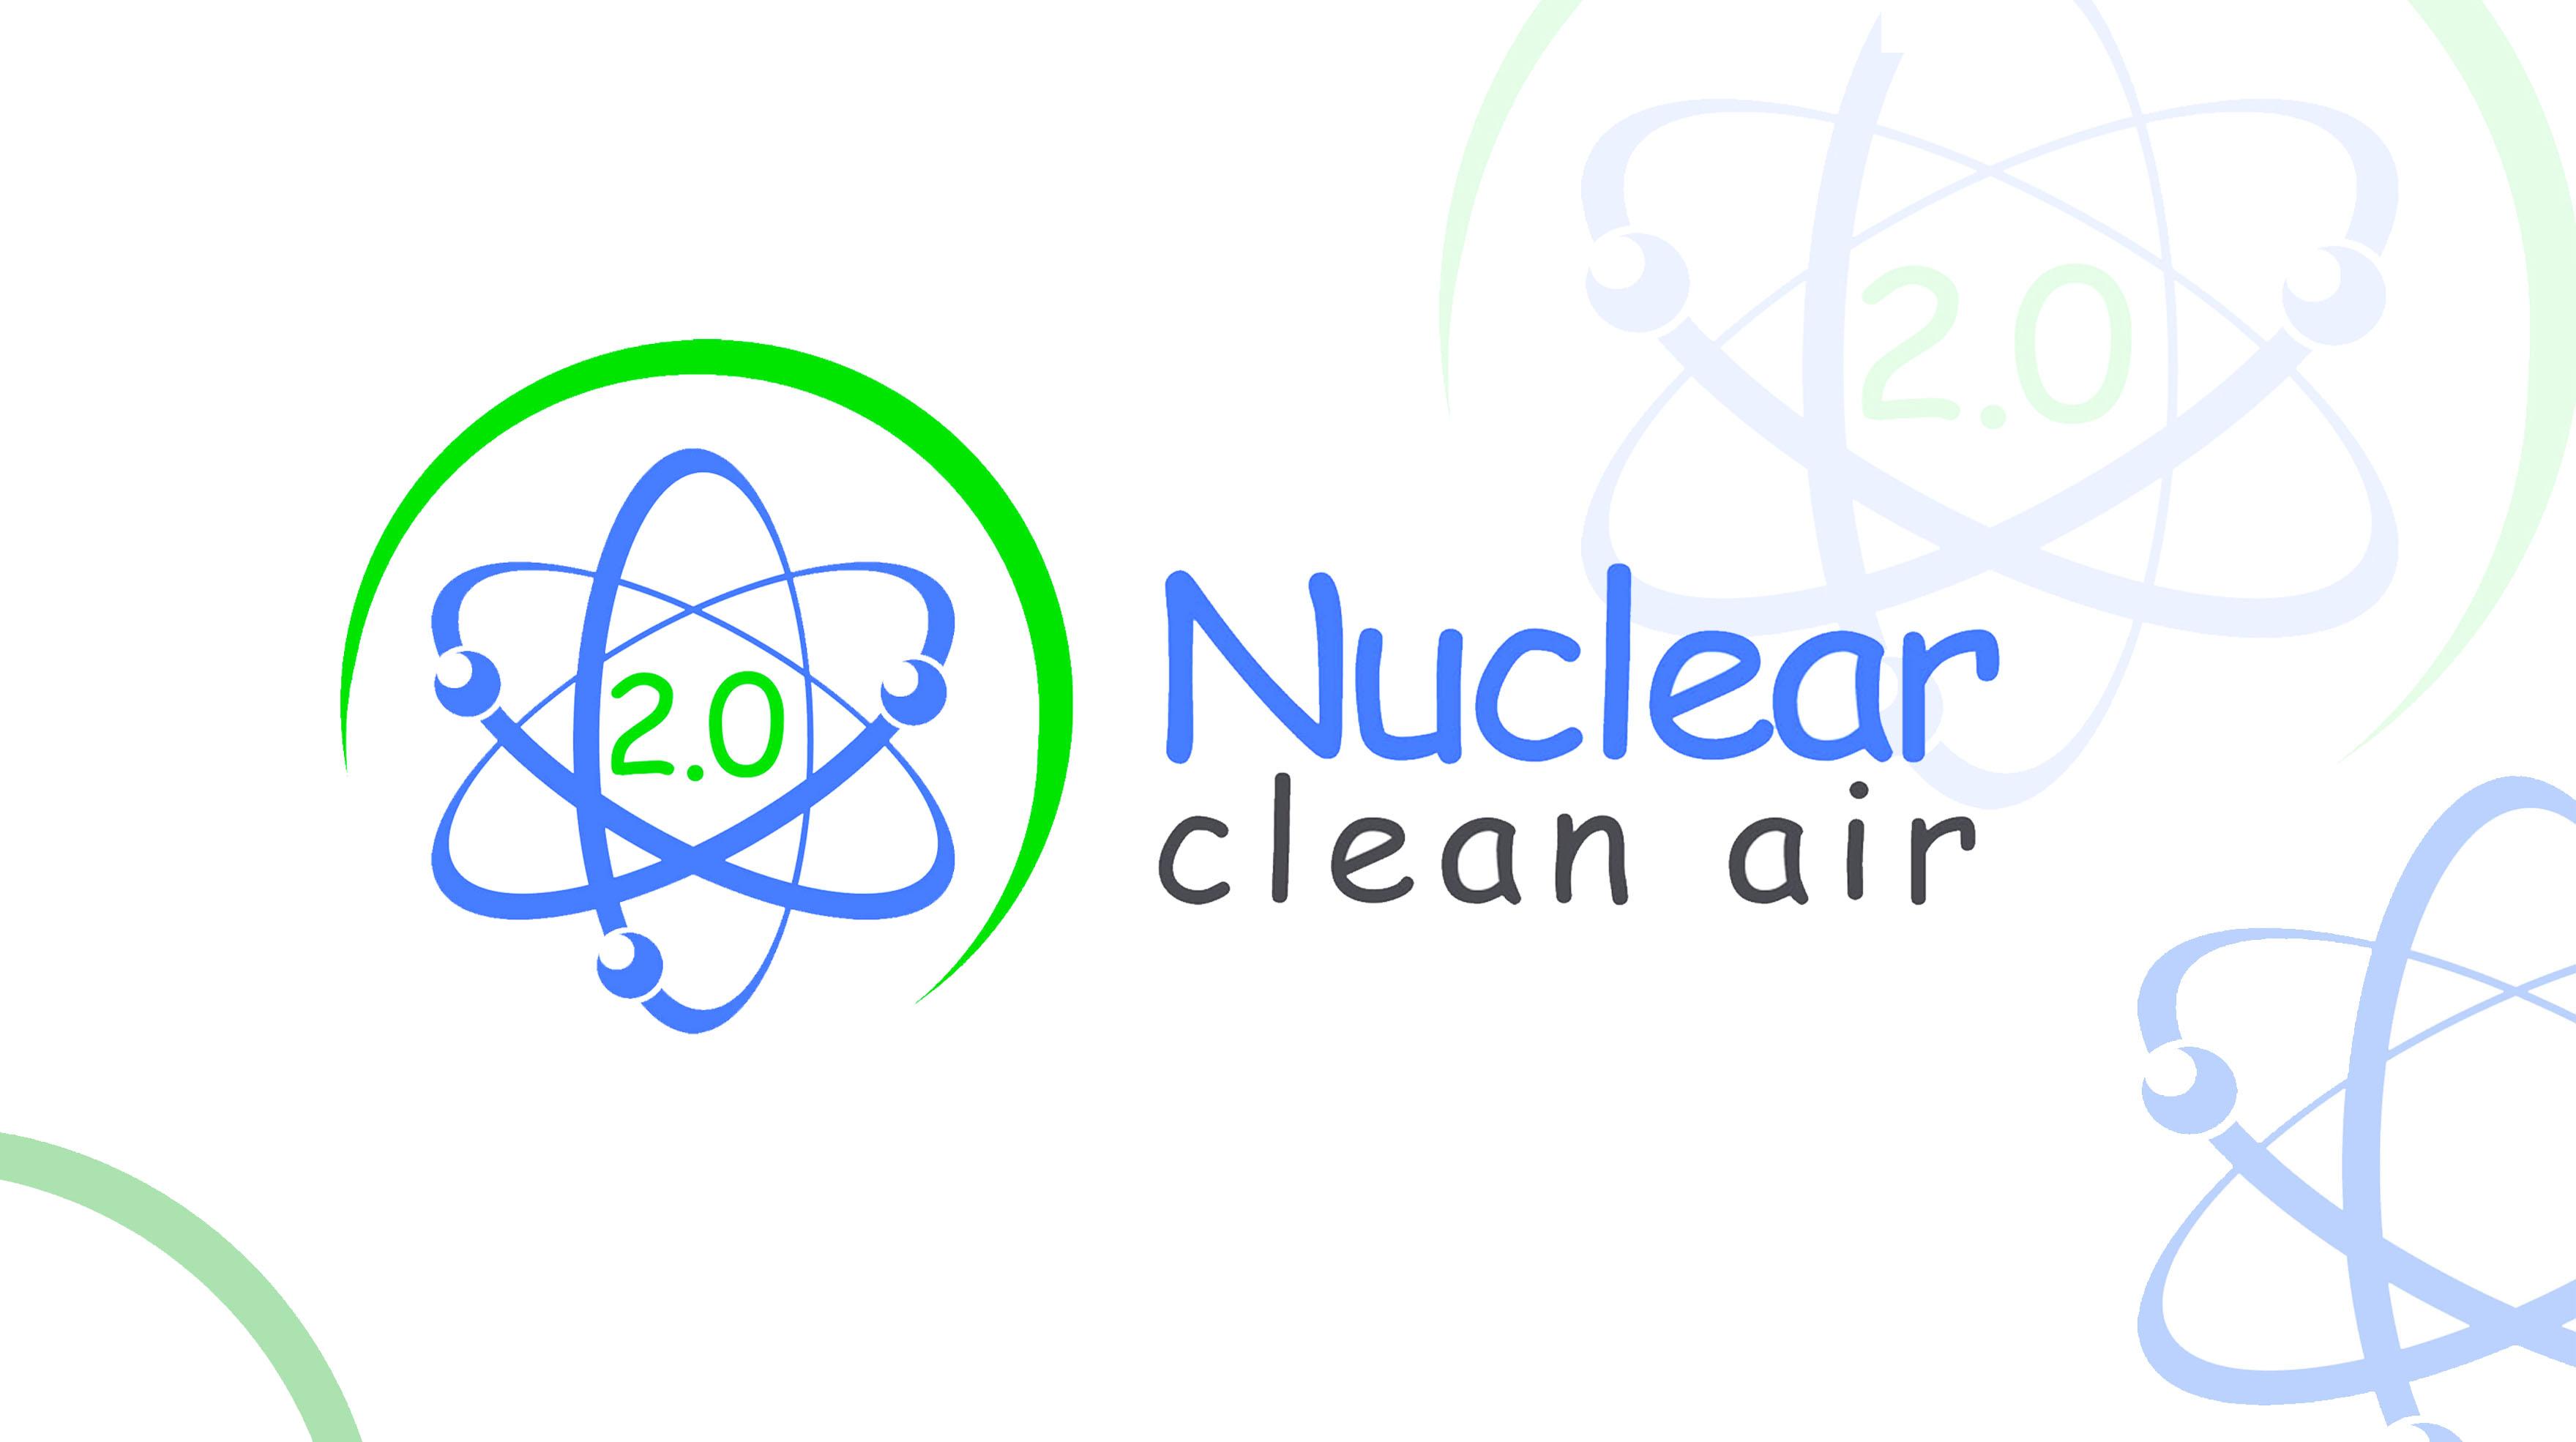 """Фирменный стиль для научного портала """"Атомная энергия 2.0"""" фото f_03059f30ec336c99.jpg"""